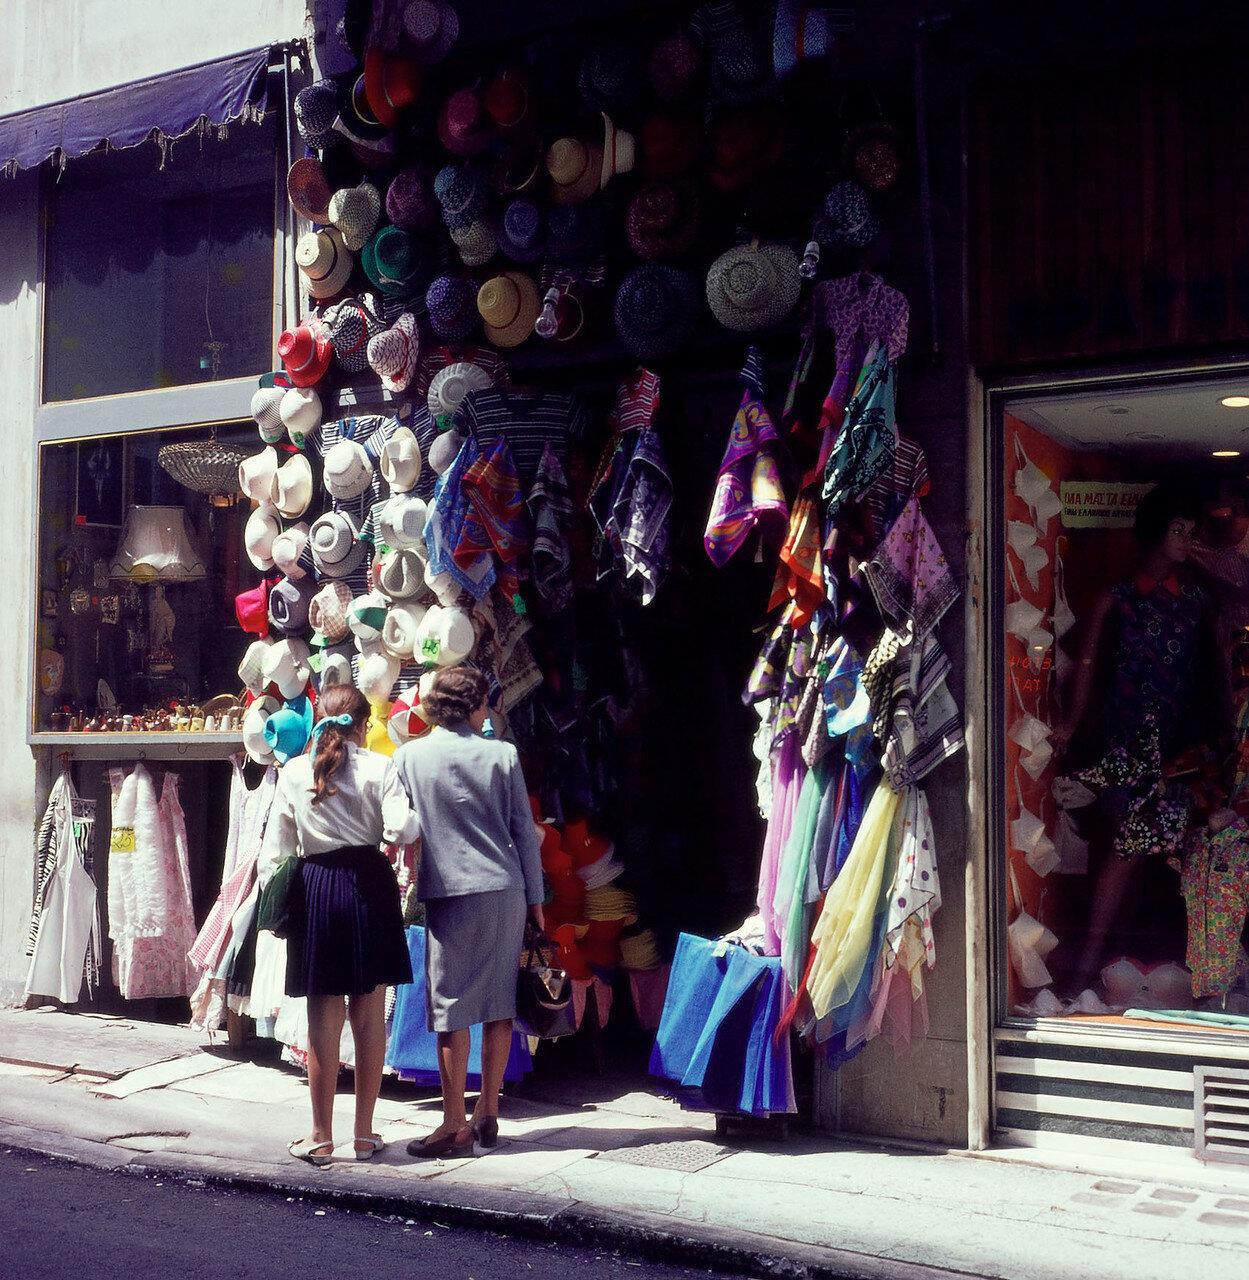 Στην εμπορική οδό.  εμπορικό ανδρικών ειδών ιματισμού